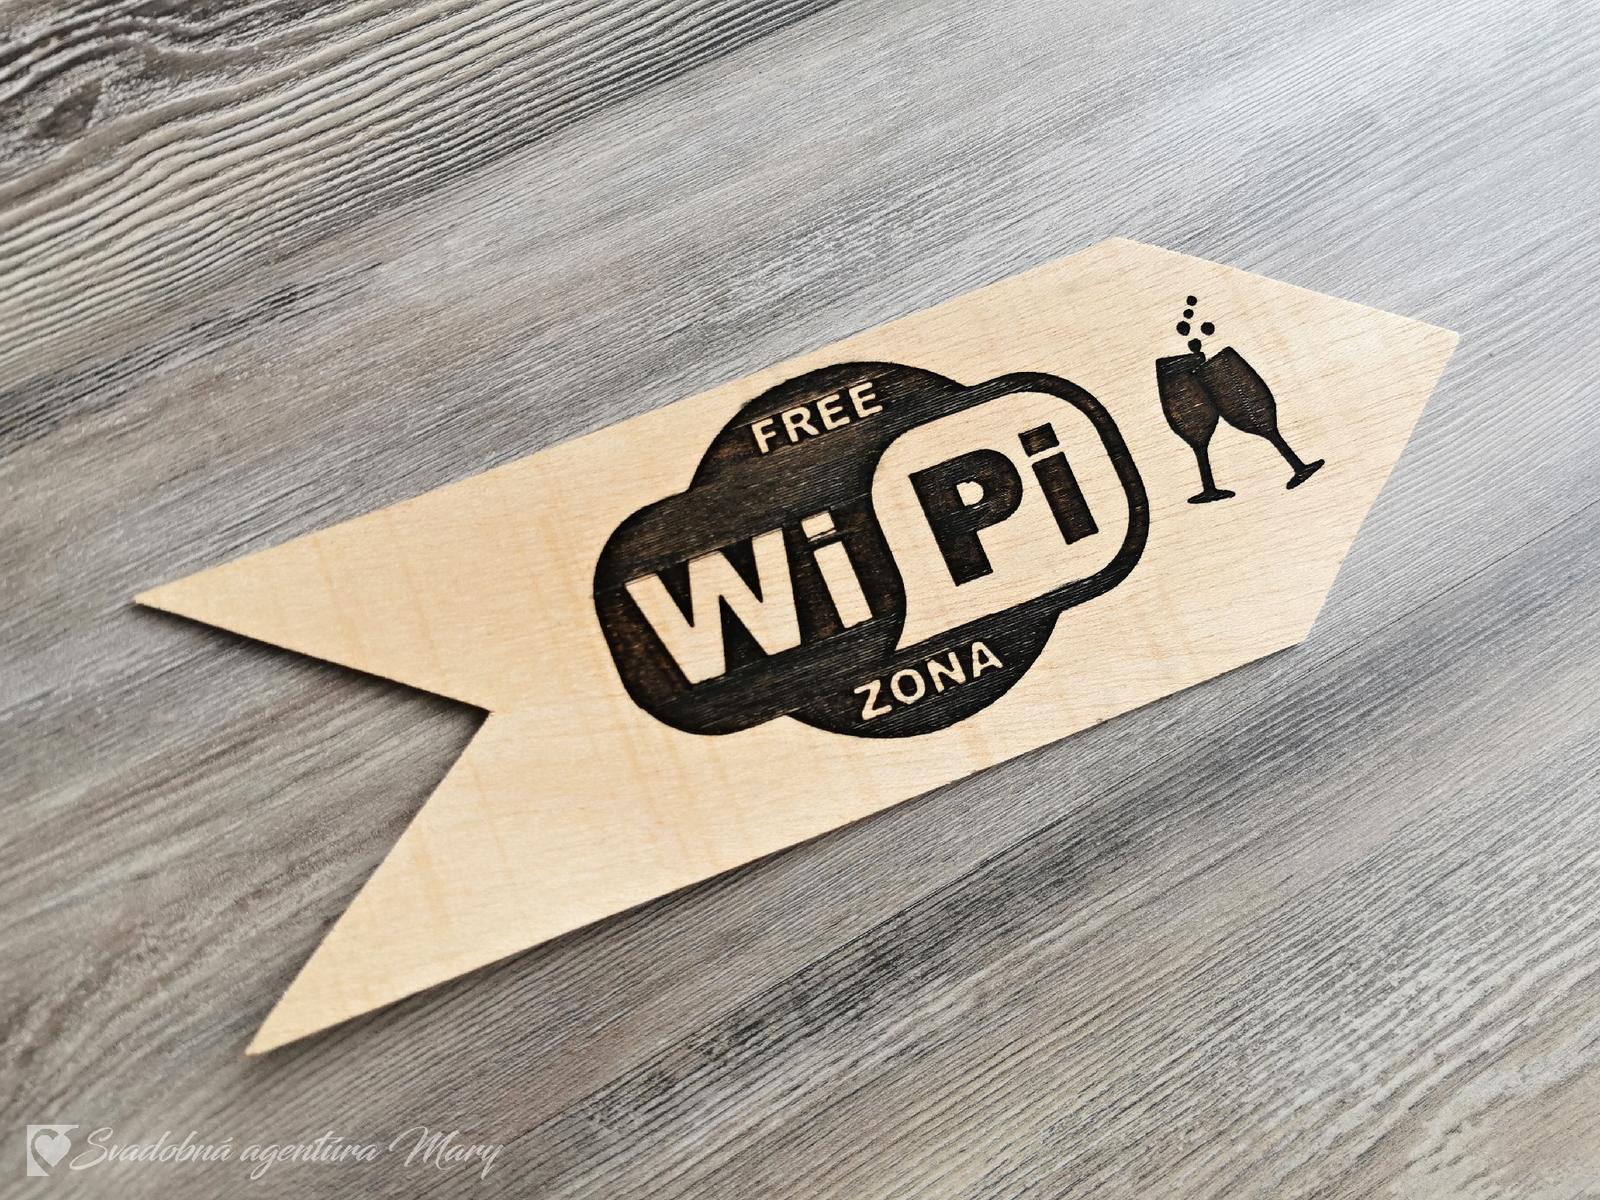 Šípka WiPi zona - Obrázok č. 2